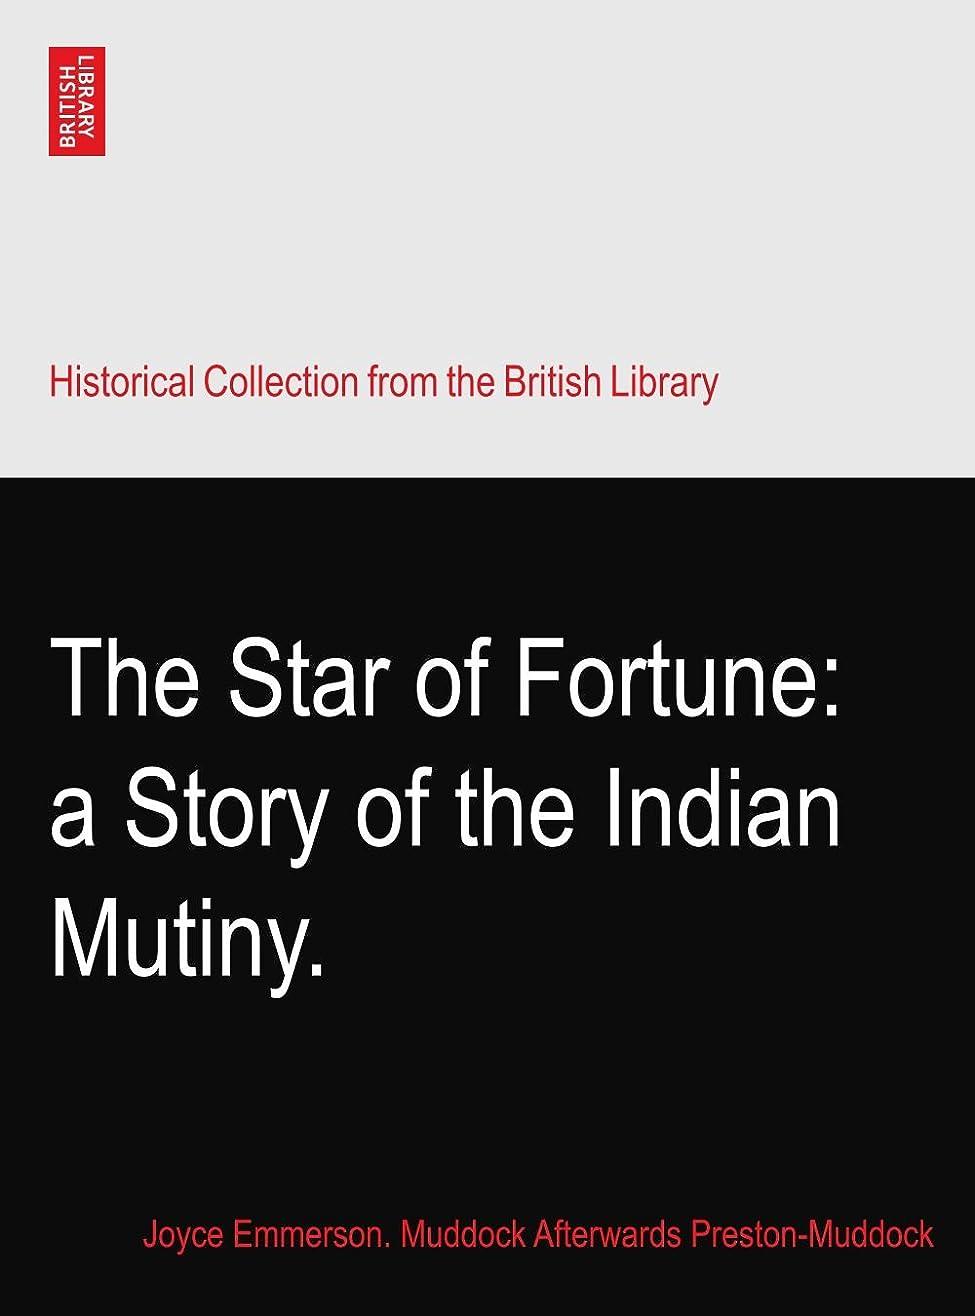 うっかりトレード交渉するThe Star of Fortune: a Story of the Indian Mutiny.